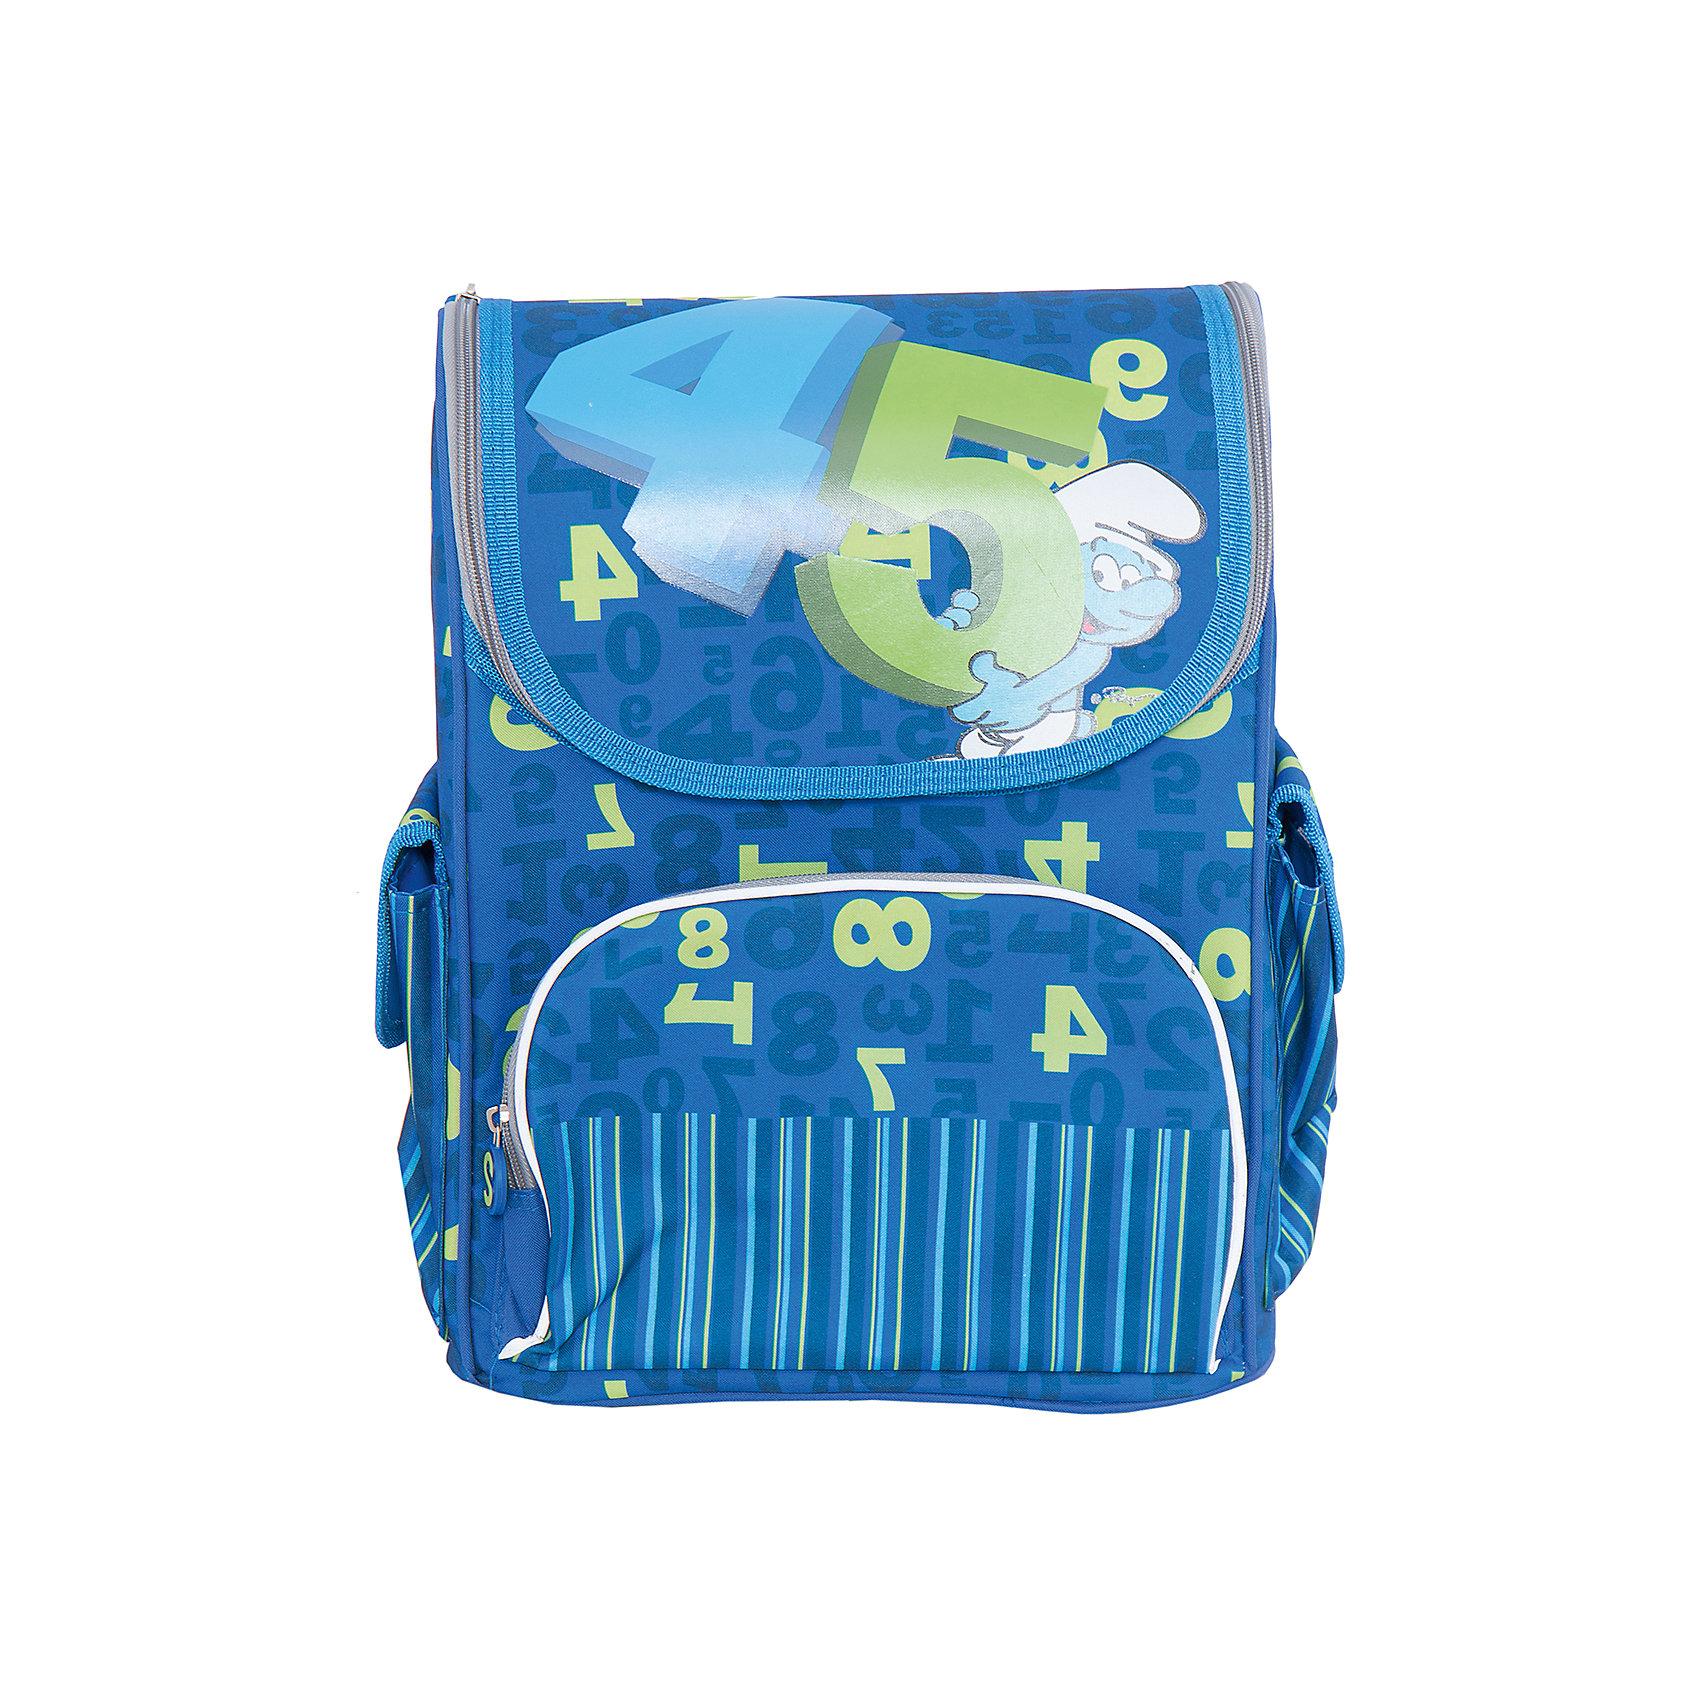 Ортопедический рюкзак Учись на пять!, СмурфикиОртопедический рюкзак Учись на пять! – это выбор любящих родителей, заботящихся о здоровье и комфорте ребенка. В основное отделение на молнии поместятся все необходимые в школе вещи, включая предметы форматом А4. Внутри есть два кармана для тетрадей и прозрачный кармашек для личной карточки. Специальное приспособление для ключей предотвратит их потерю. Снаружи 3 кармана: лицевой – на молнии, подходящий для пенала; два боковых – на липучках, для небольших предметов. Конструкция ортопедической спинки разработана по специальной технологии, уменьшающей нагрузку на позвоночник. Широкие регулируемые ремни с мягкой прокладкой равномерно распределяют вес рюкзака на плечевой пояс. Резиновая ручка удобна для ношения рюкзака в руке. Пластиковые ножки защищают дно рюкзака от загрязнения. Светоотражающие элементы повышают безопасность ребенка на дороге в темное время суток. Рюкзак изготовлен из износостойкой ткани, декорирован ярким принтом и стильными подвесками на застежках.<br><br>Дополнительная информация:<br><br>- Материал: текстиль, пластик<br>- Размер: 28х18х38 см.<br>- Цвет: синий, зеленый.<br>- Количество отделений: 1<br>- Количество карманов: 3<br>- Тип застежки: молния.<br>- Ортопедическая спинка.<br>- Регулируемые по длине лямки с мягкой прокладкой.<br>- Дно с пластиковыми ножками.<br>- Светоотражающие элементы. <br>Ортопедический рюкзак Учись на пять!, Смурфики, можно купить в нашем магазине.<br><br>Ширина мм: 380<br>Глубина мм: 280<br>Высота мм: 180<br>Вес г: 1243<br>Возраст от месяцев: 84<br>Возраст до месяцев: 120<br>Пол: Мужской<br>Возраст: Детский<br>SKU: 4074015